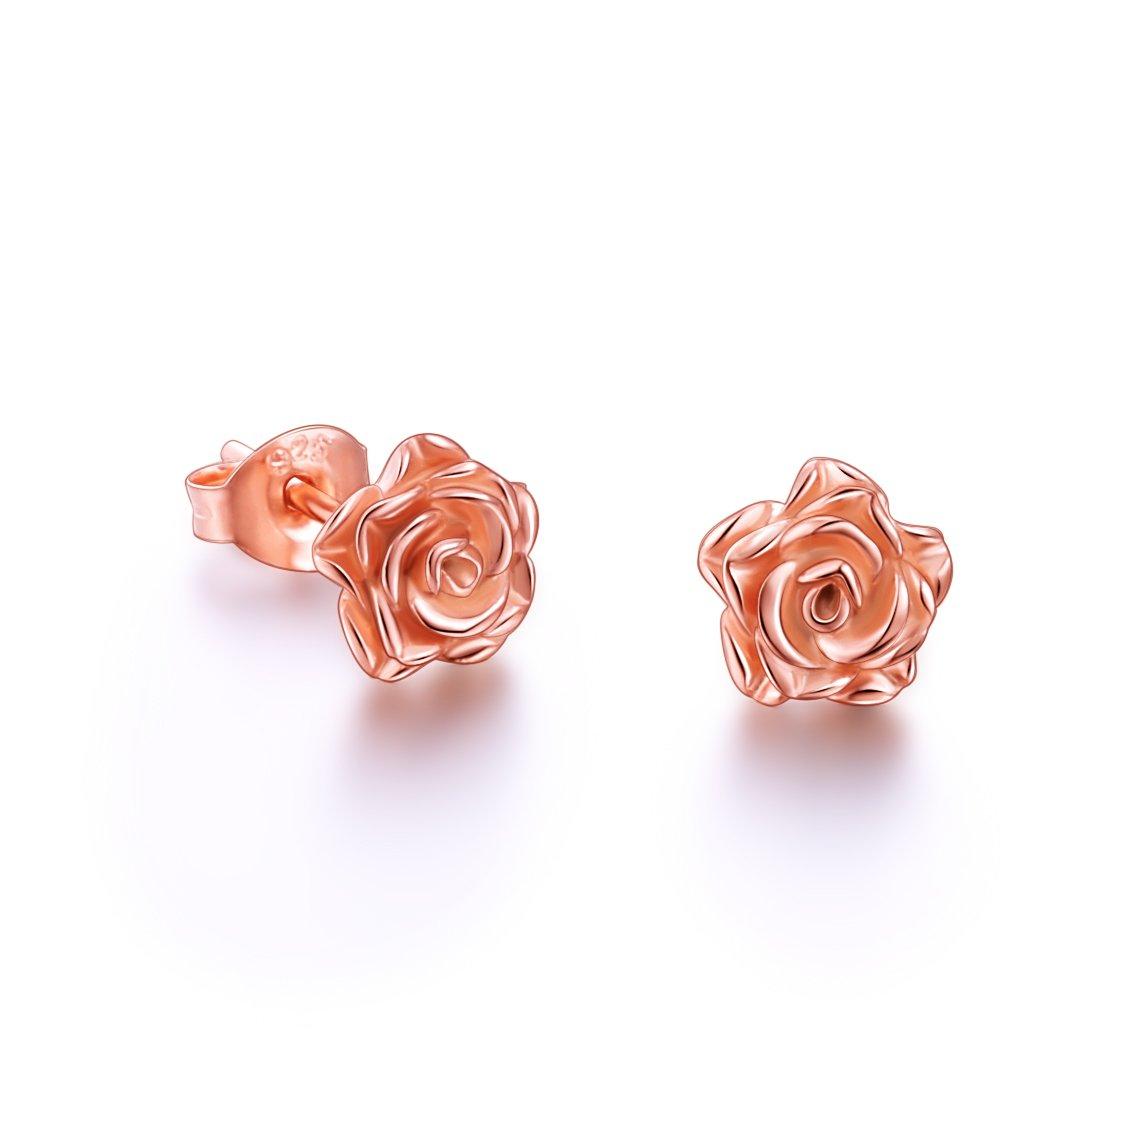 S925 Sterling Silver Rose Flower Stud Lotus Earrings for Women Girl (Rose Gold)